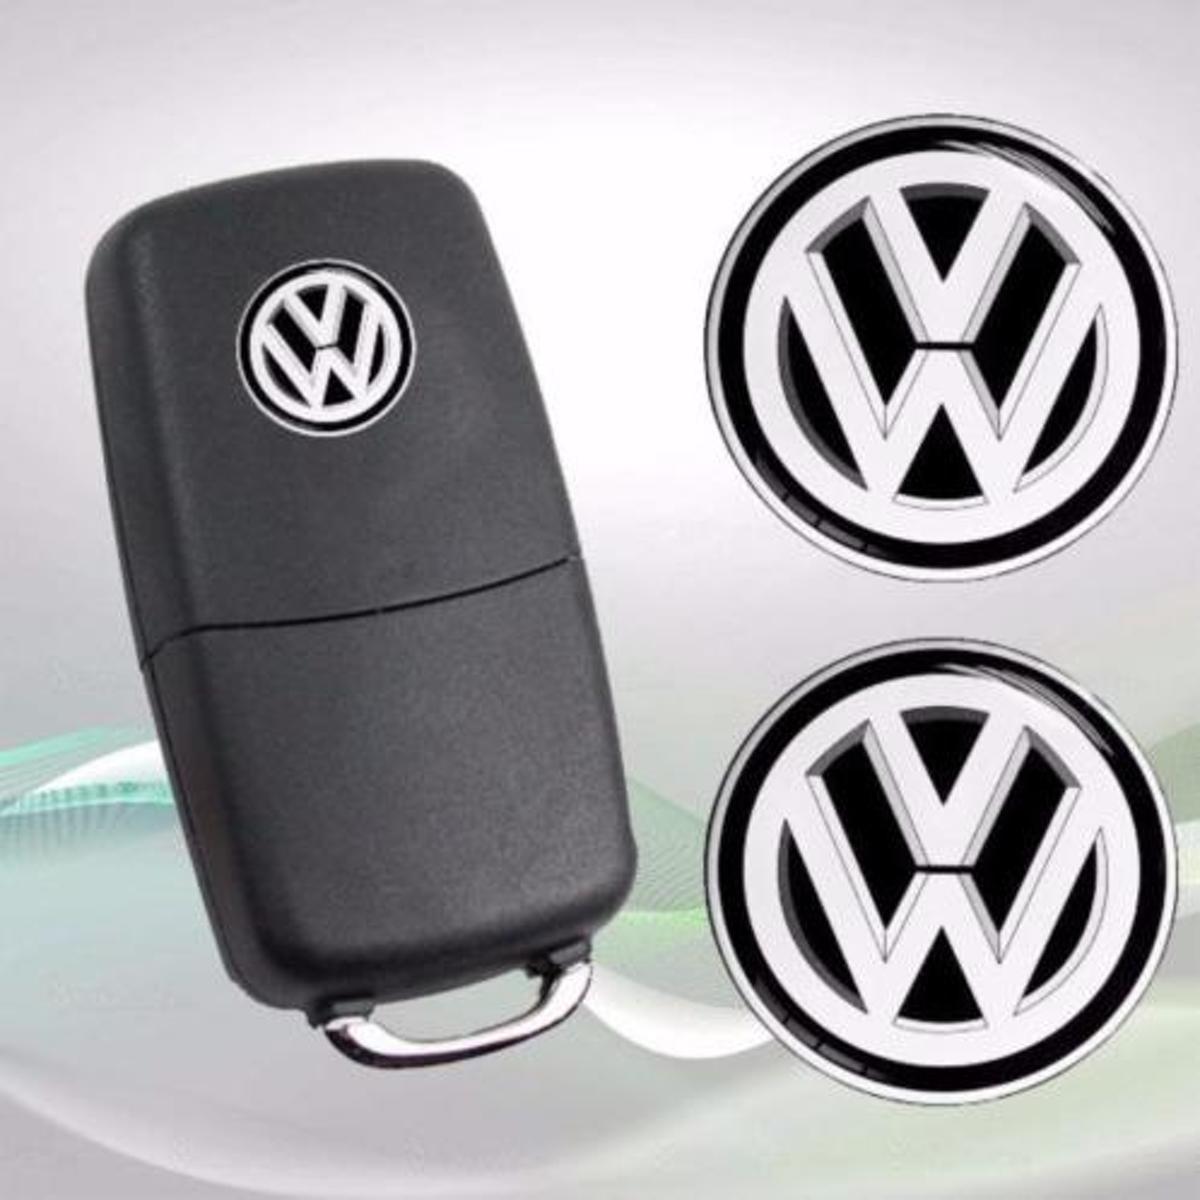 Volkswagen 14mm Sleutel Sticker Embleem Zwart